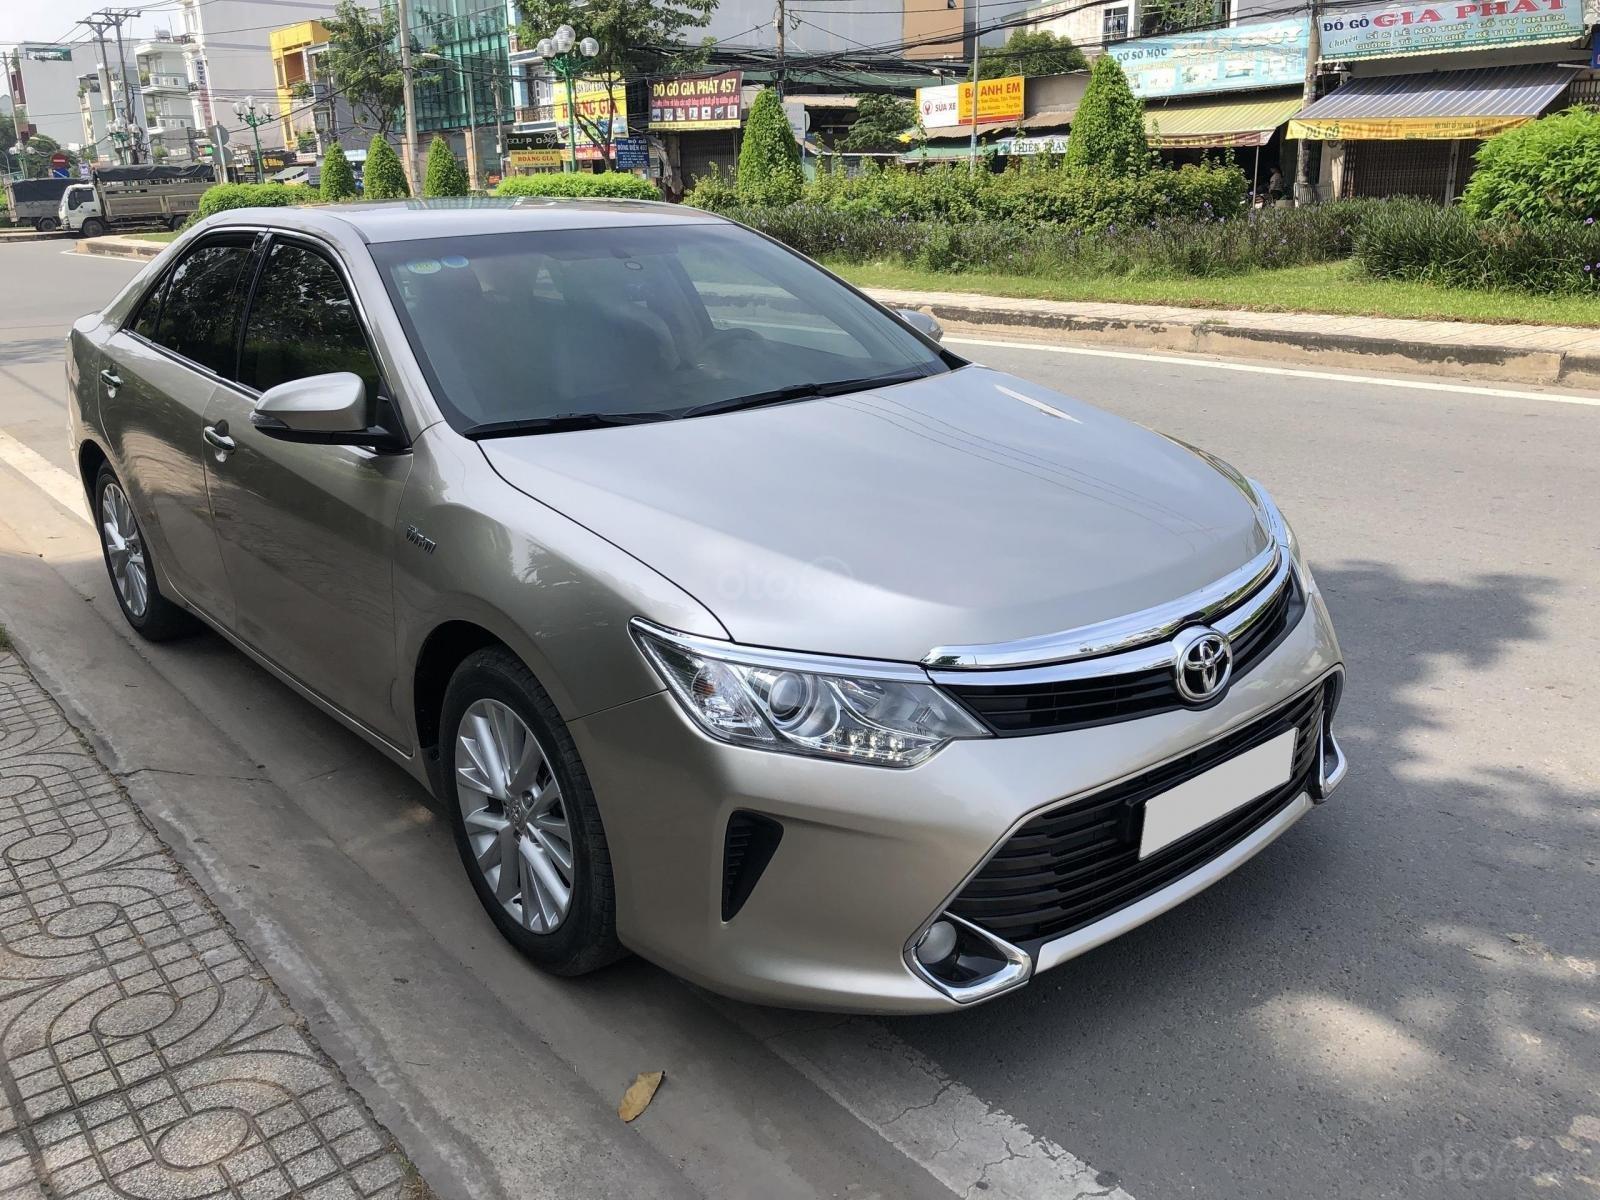 Cần bán Toyota Camry model 2018 vàng hoàng kim rất mới (14)